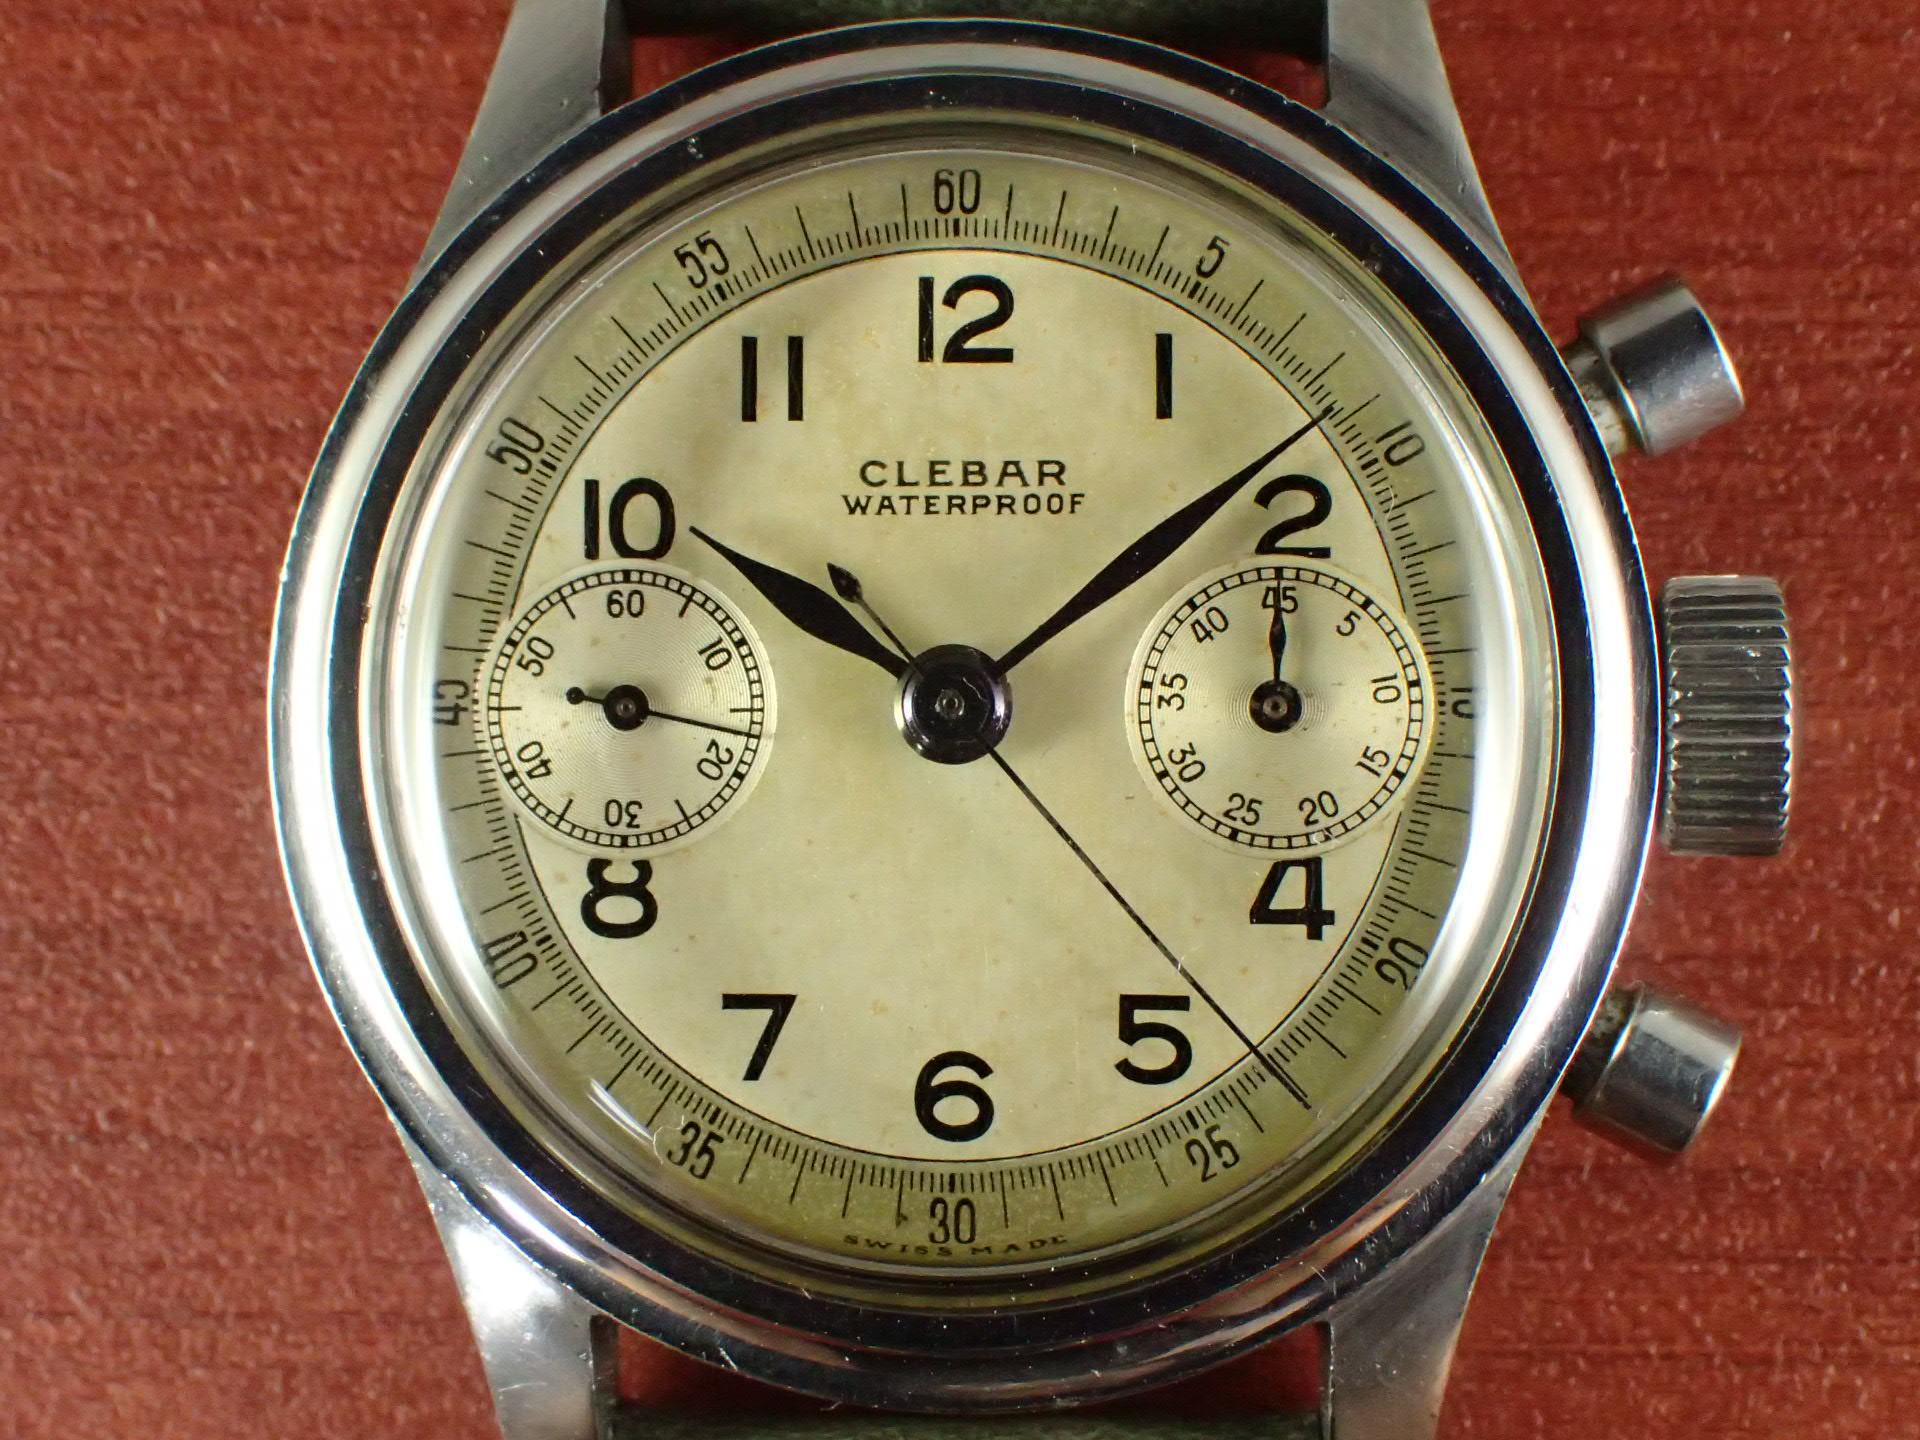 クレバー クロノグラフ クラムシェル Cal.ヴィーナス150 1940年代の写真2枚目